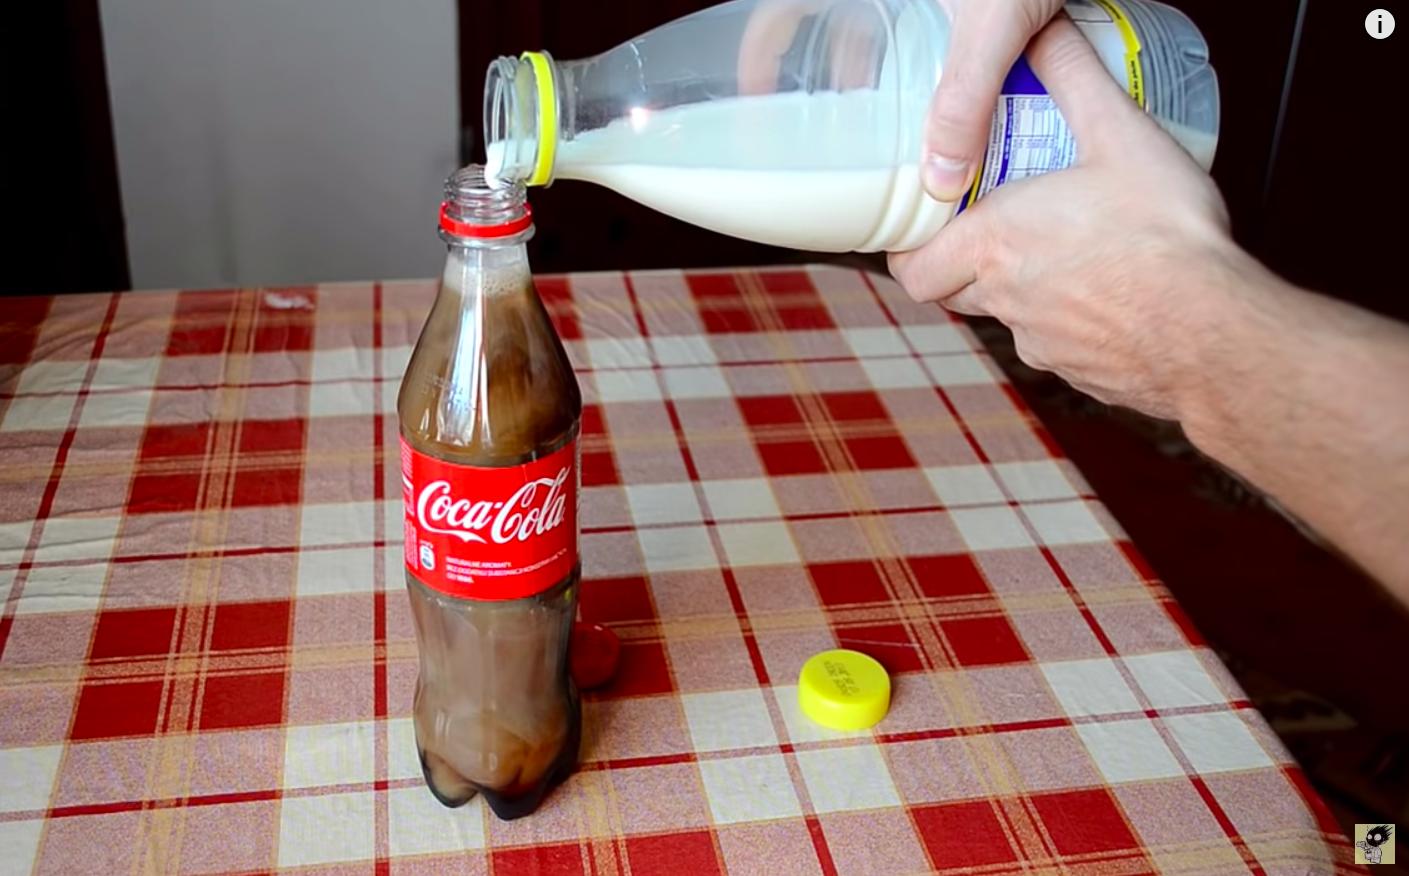 Coca-cola-leche